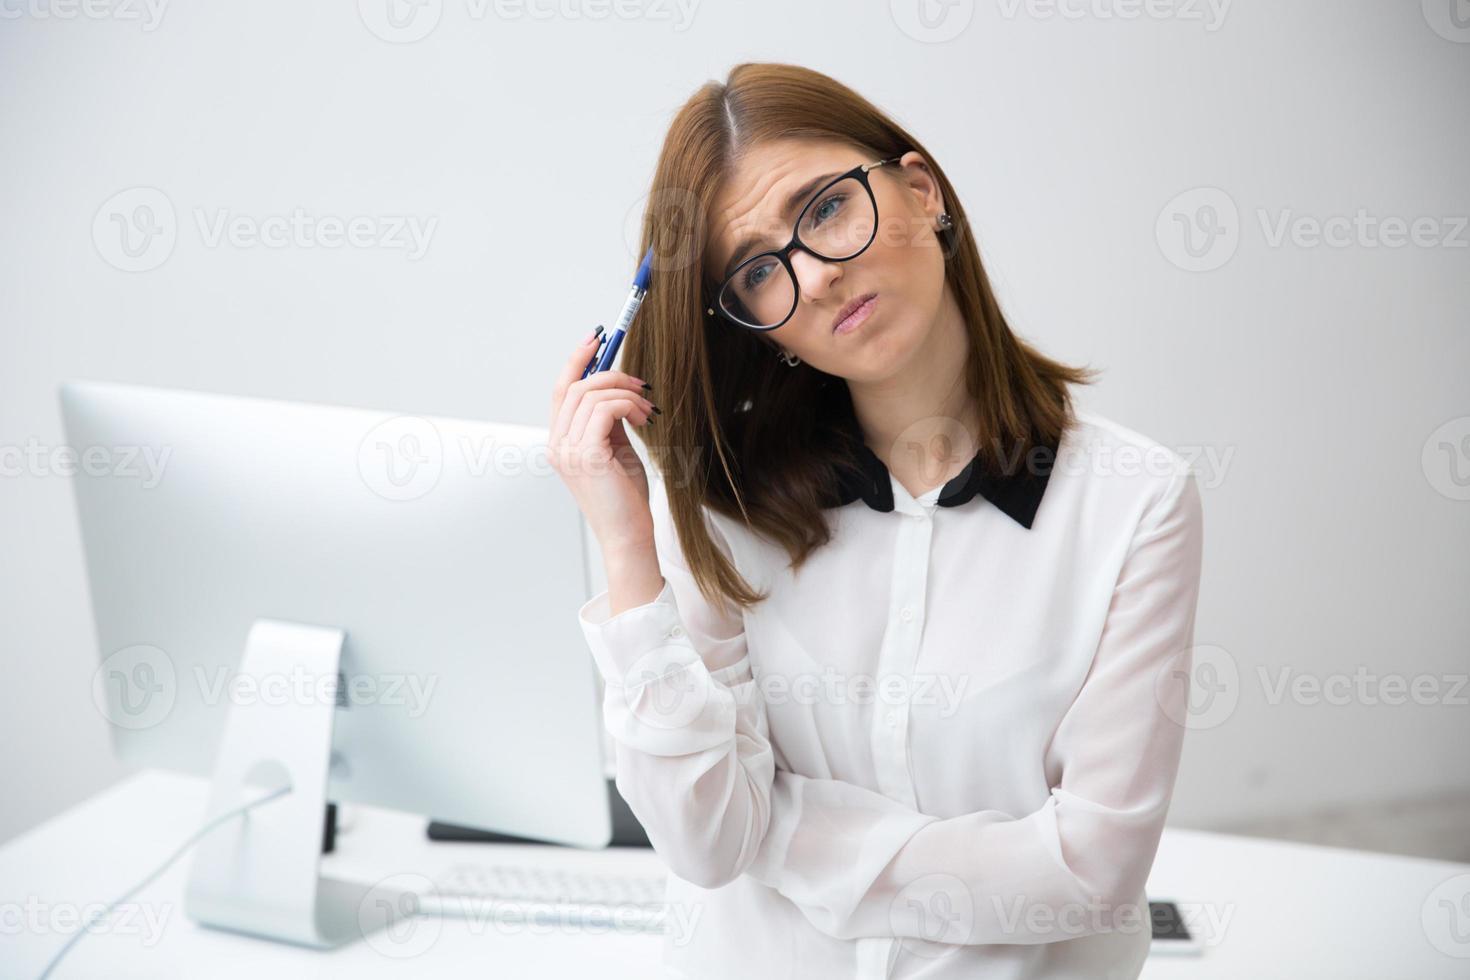 fundersam affärskvinna i office foto